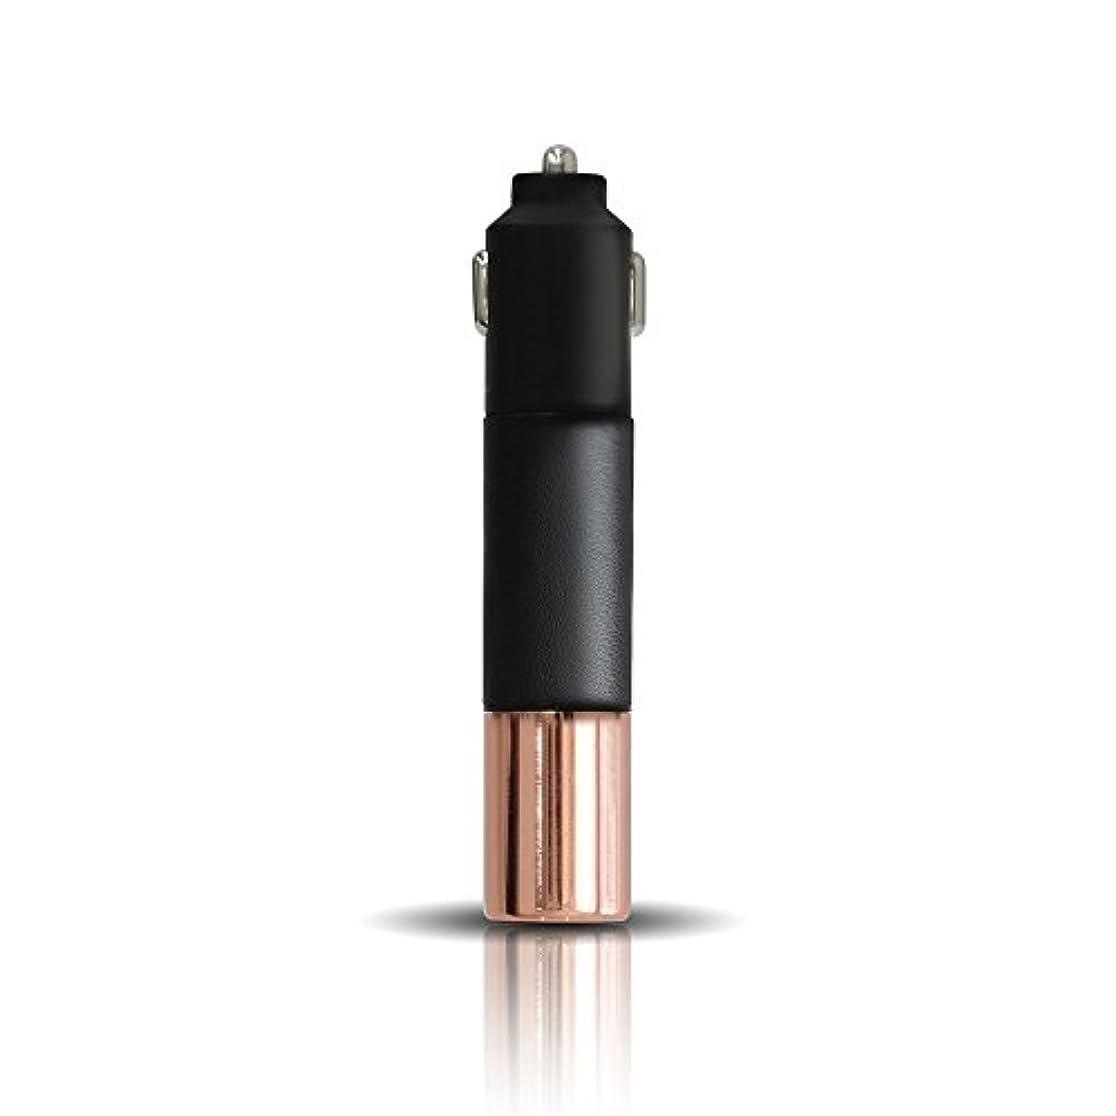 競うハグ囲むPRISMATE(プリズメイト) Driving Aroma Diffuser Leather and Metal PR-AD02C (BK(ブラック))